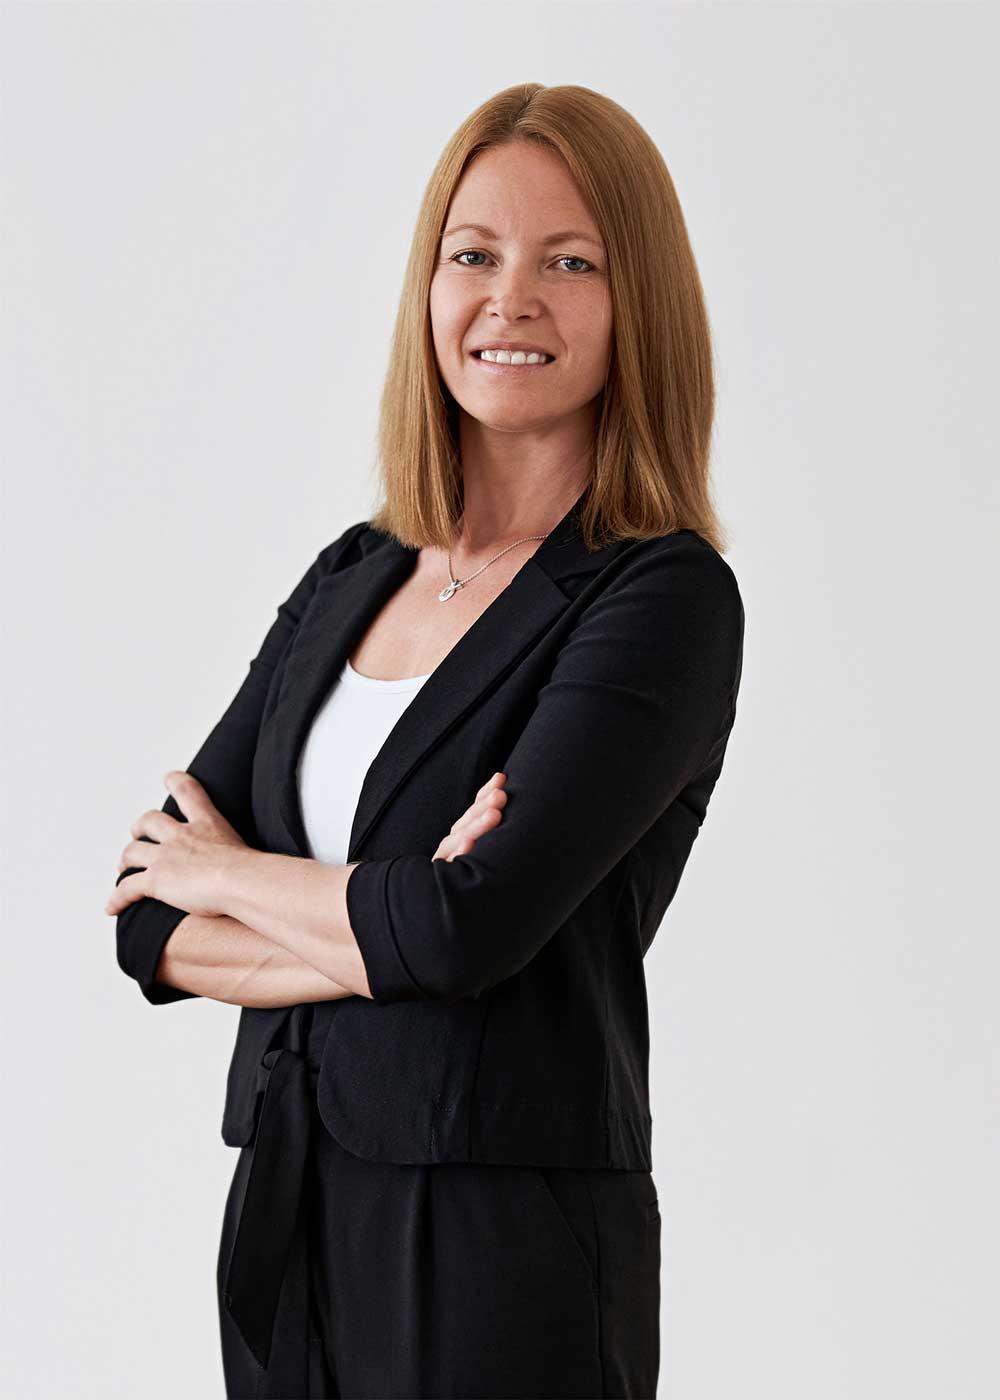 Gabriela Schmidt